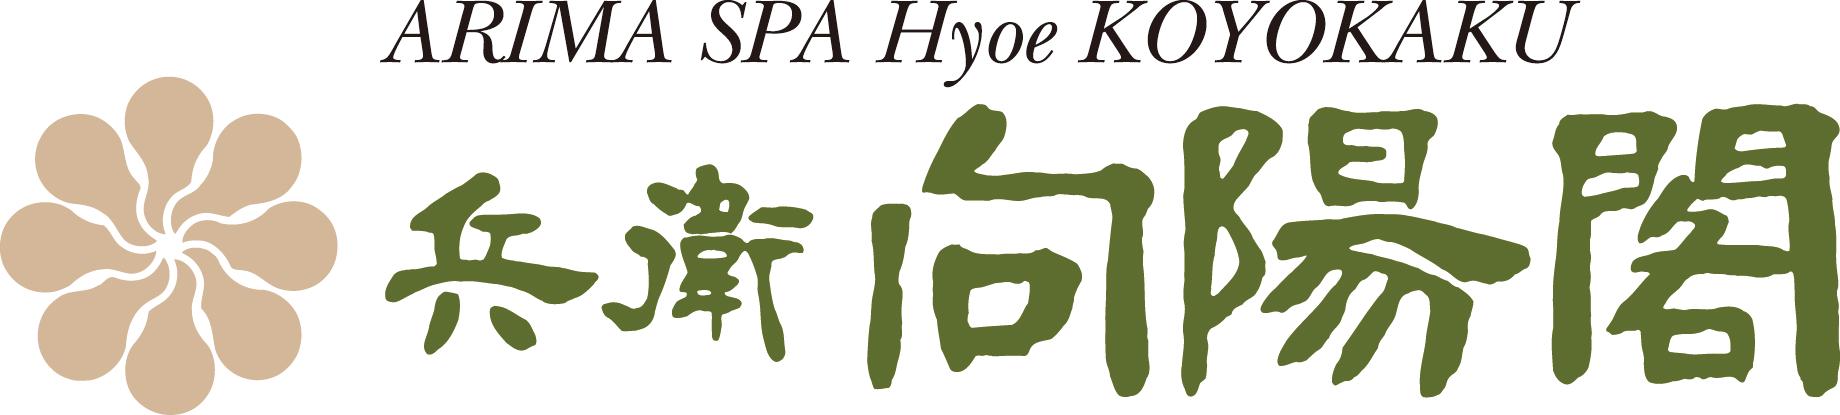 Hyoe Koyokaku